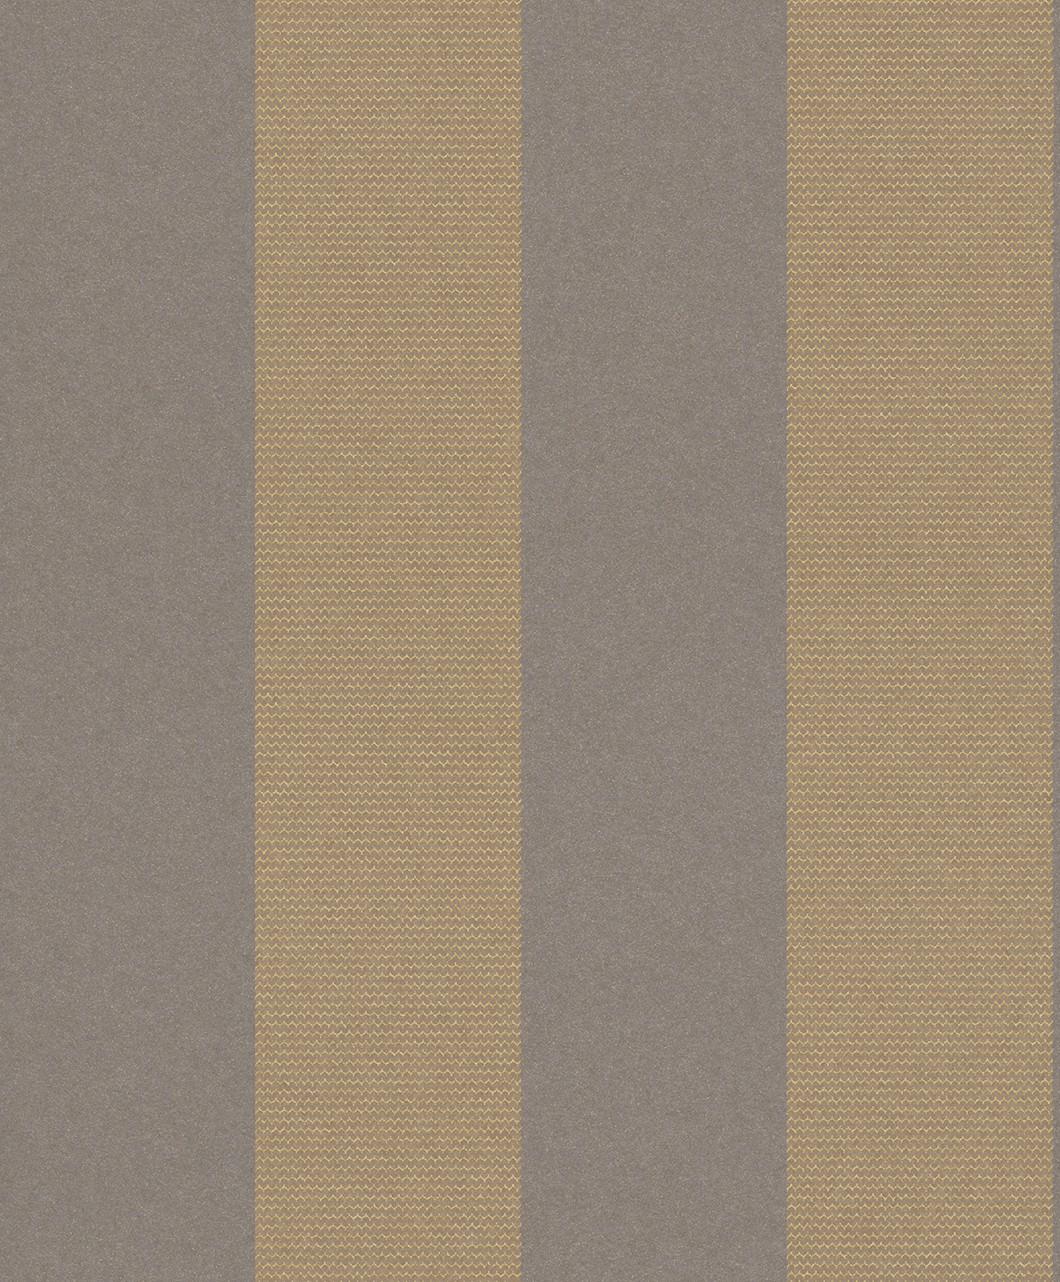 tapete vlies streifen metallic braun gold rasch textil amira 226002 4 30 1qm ebay. Black Bedroom Furniture Sets. Home Design Ideas